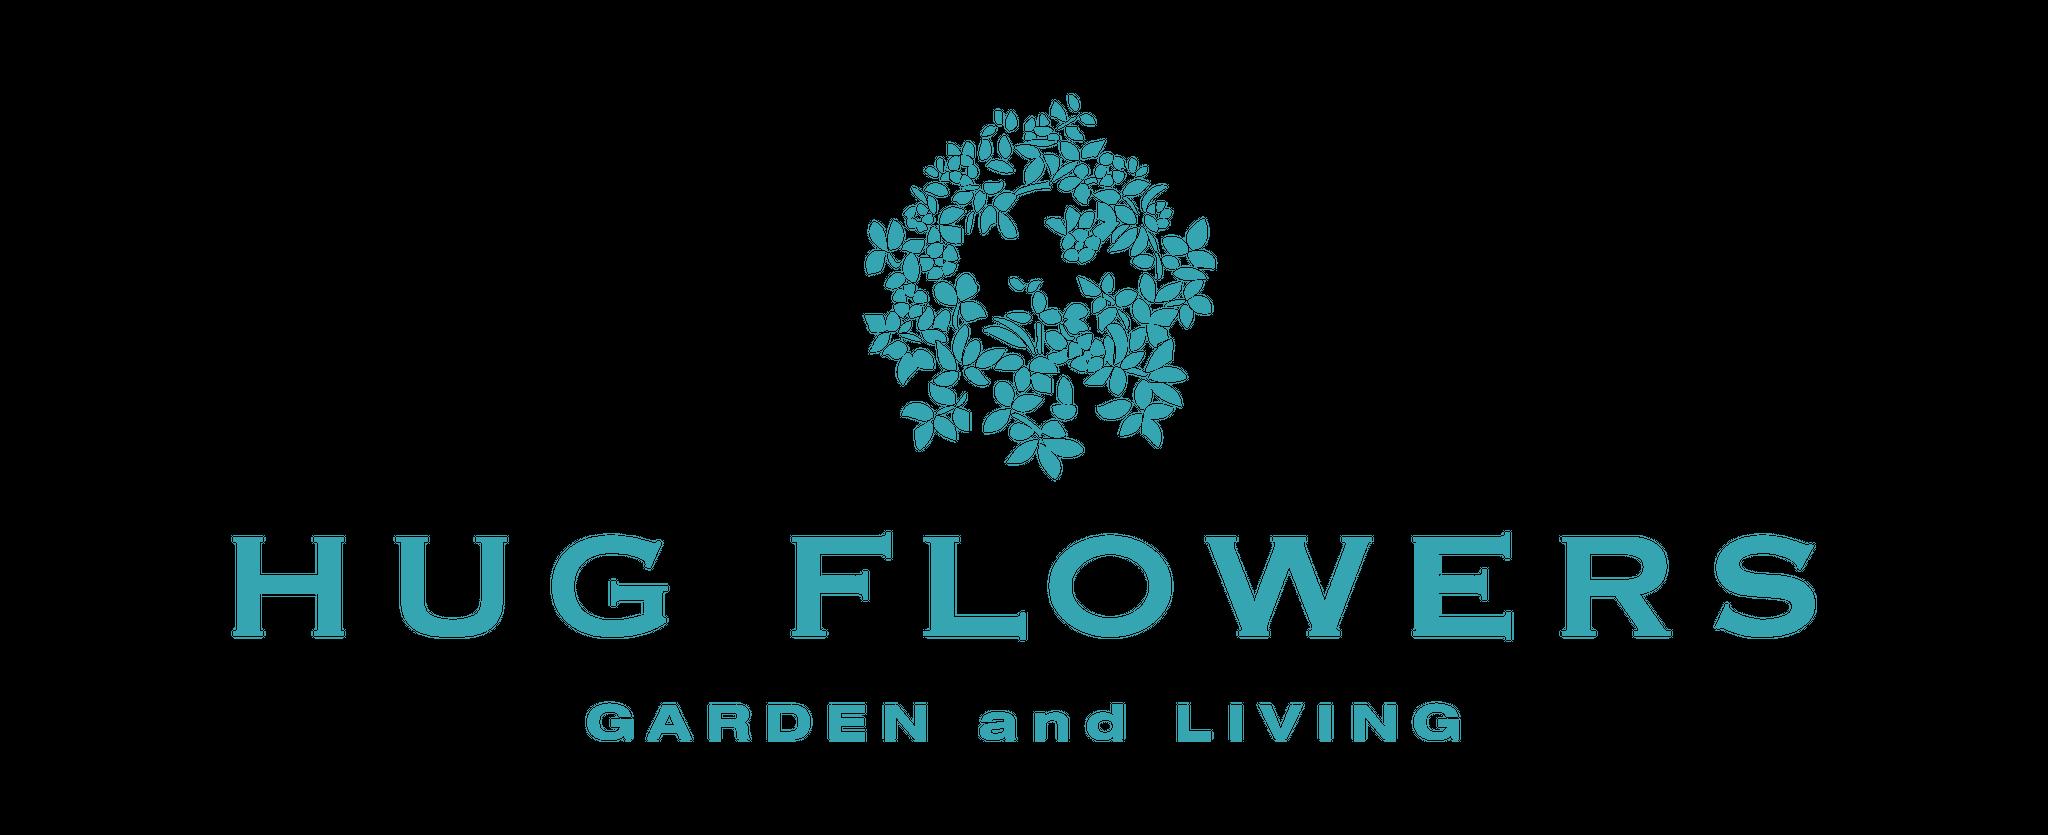 札幌 4プラの花屋HUG FLOWERS | 通販サイト 花のプレゼント ギフトフラワー | お盆お供えお花の宅配・配送